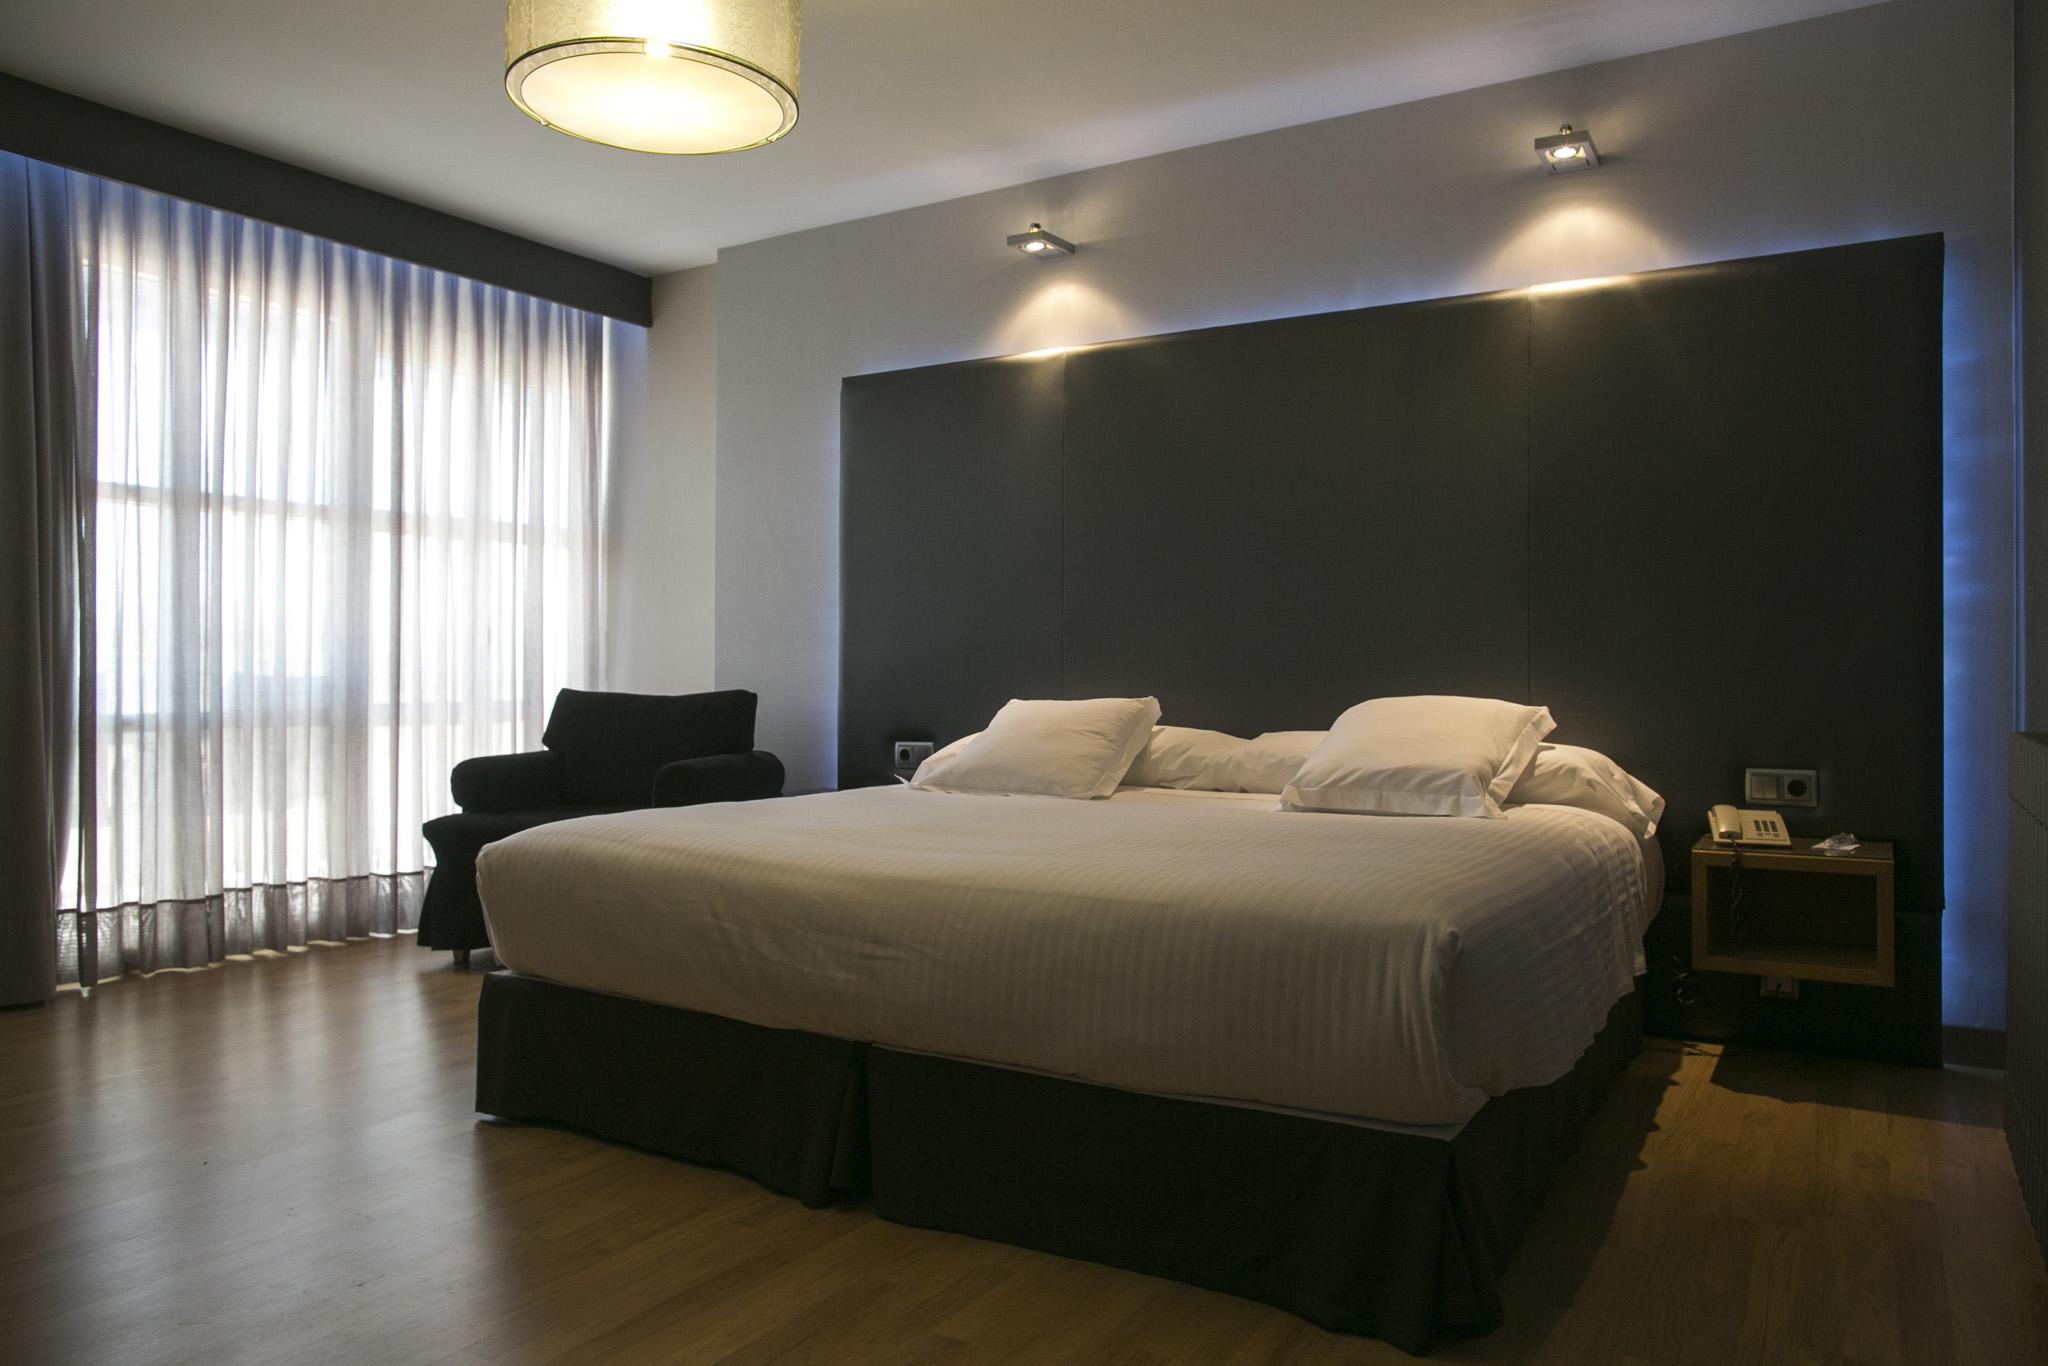 Galeria de fotos hotel chiqui santander website oficial for Precio habitacion hotel